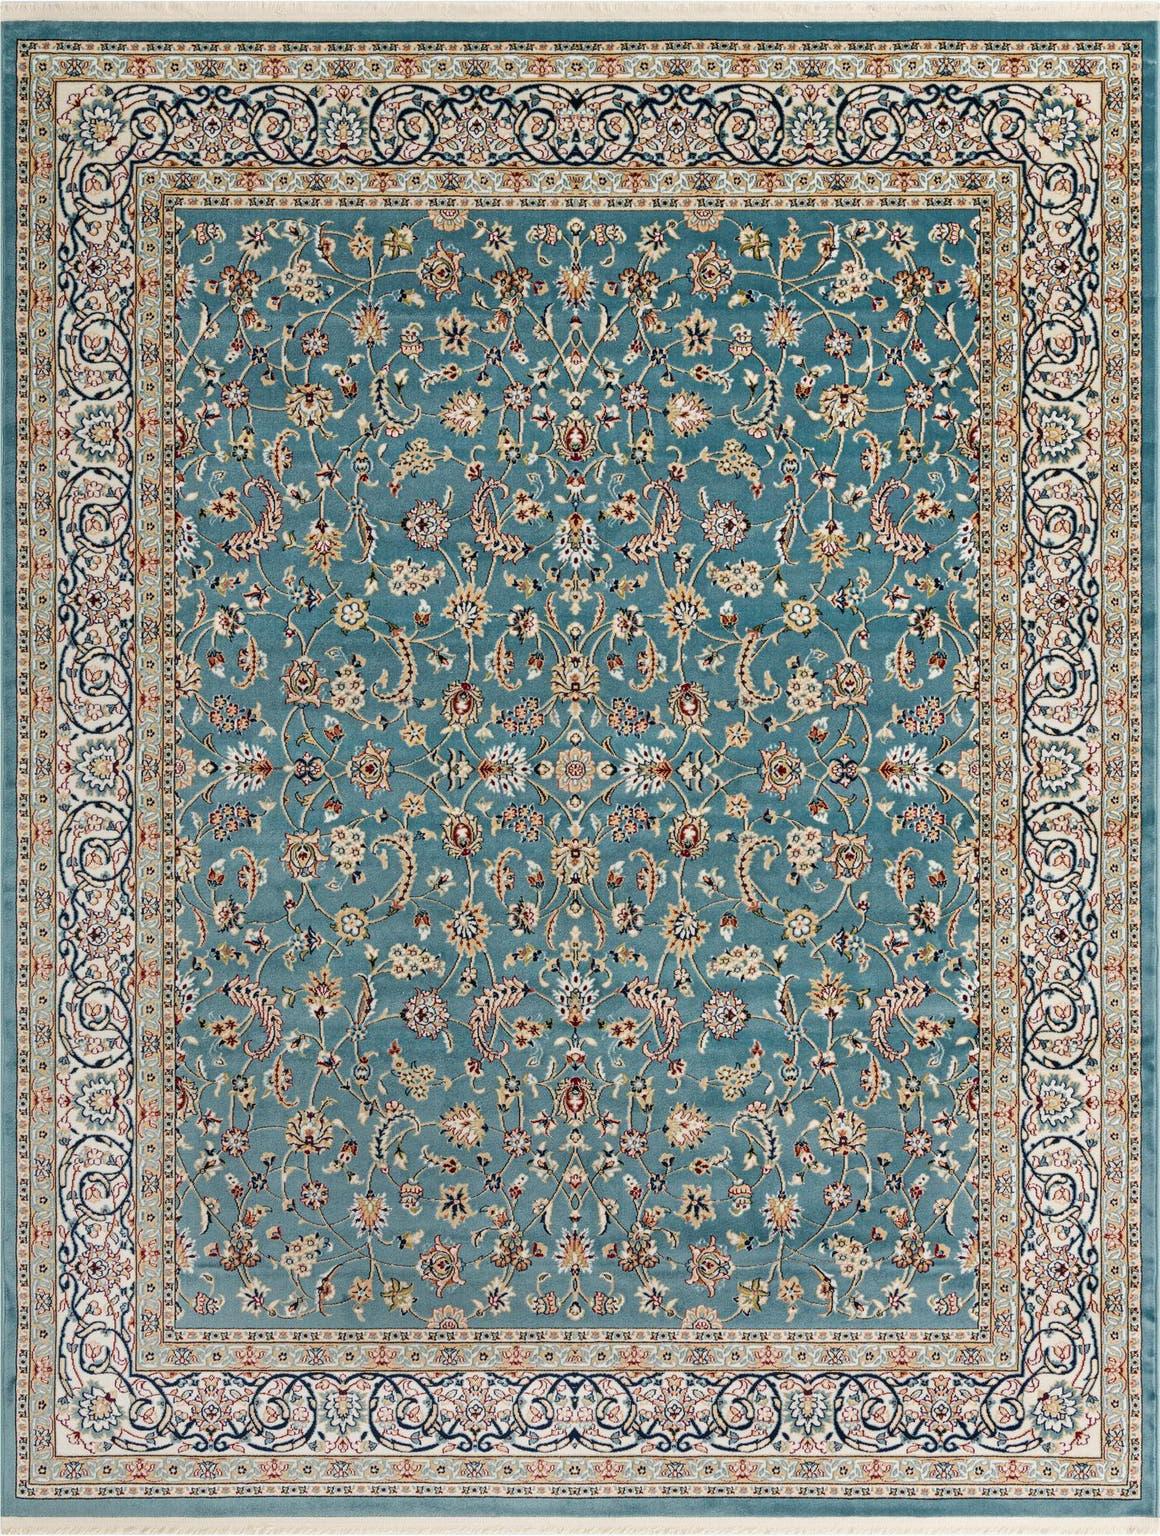 8' x 10' Nain Design Rug main image